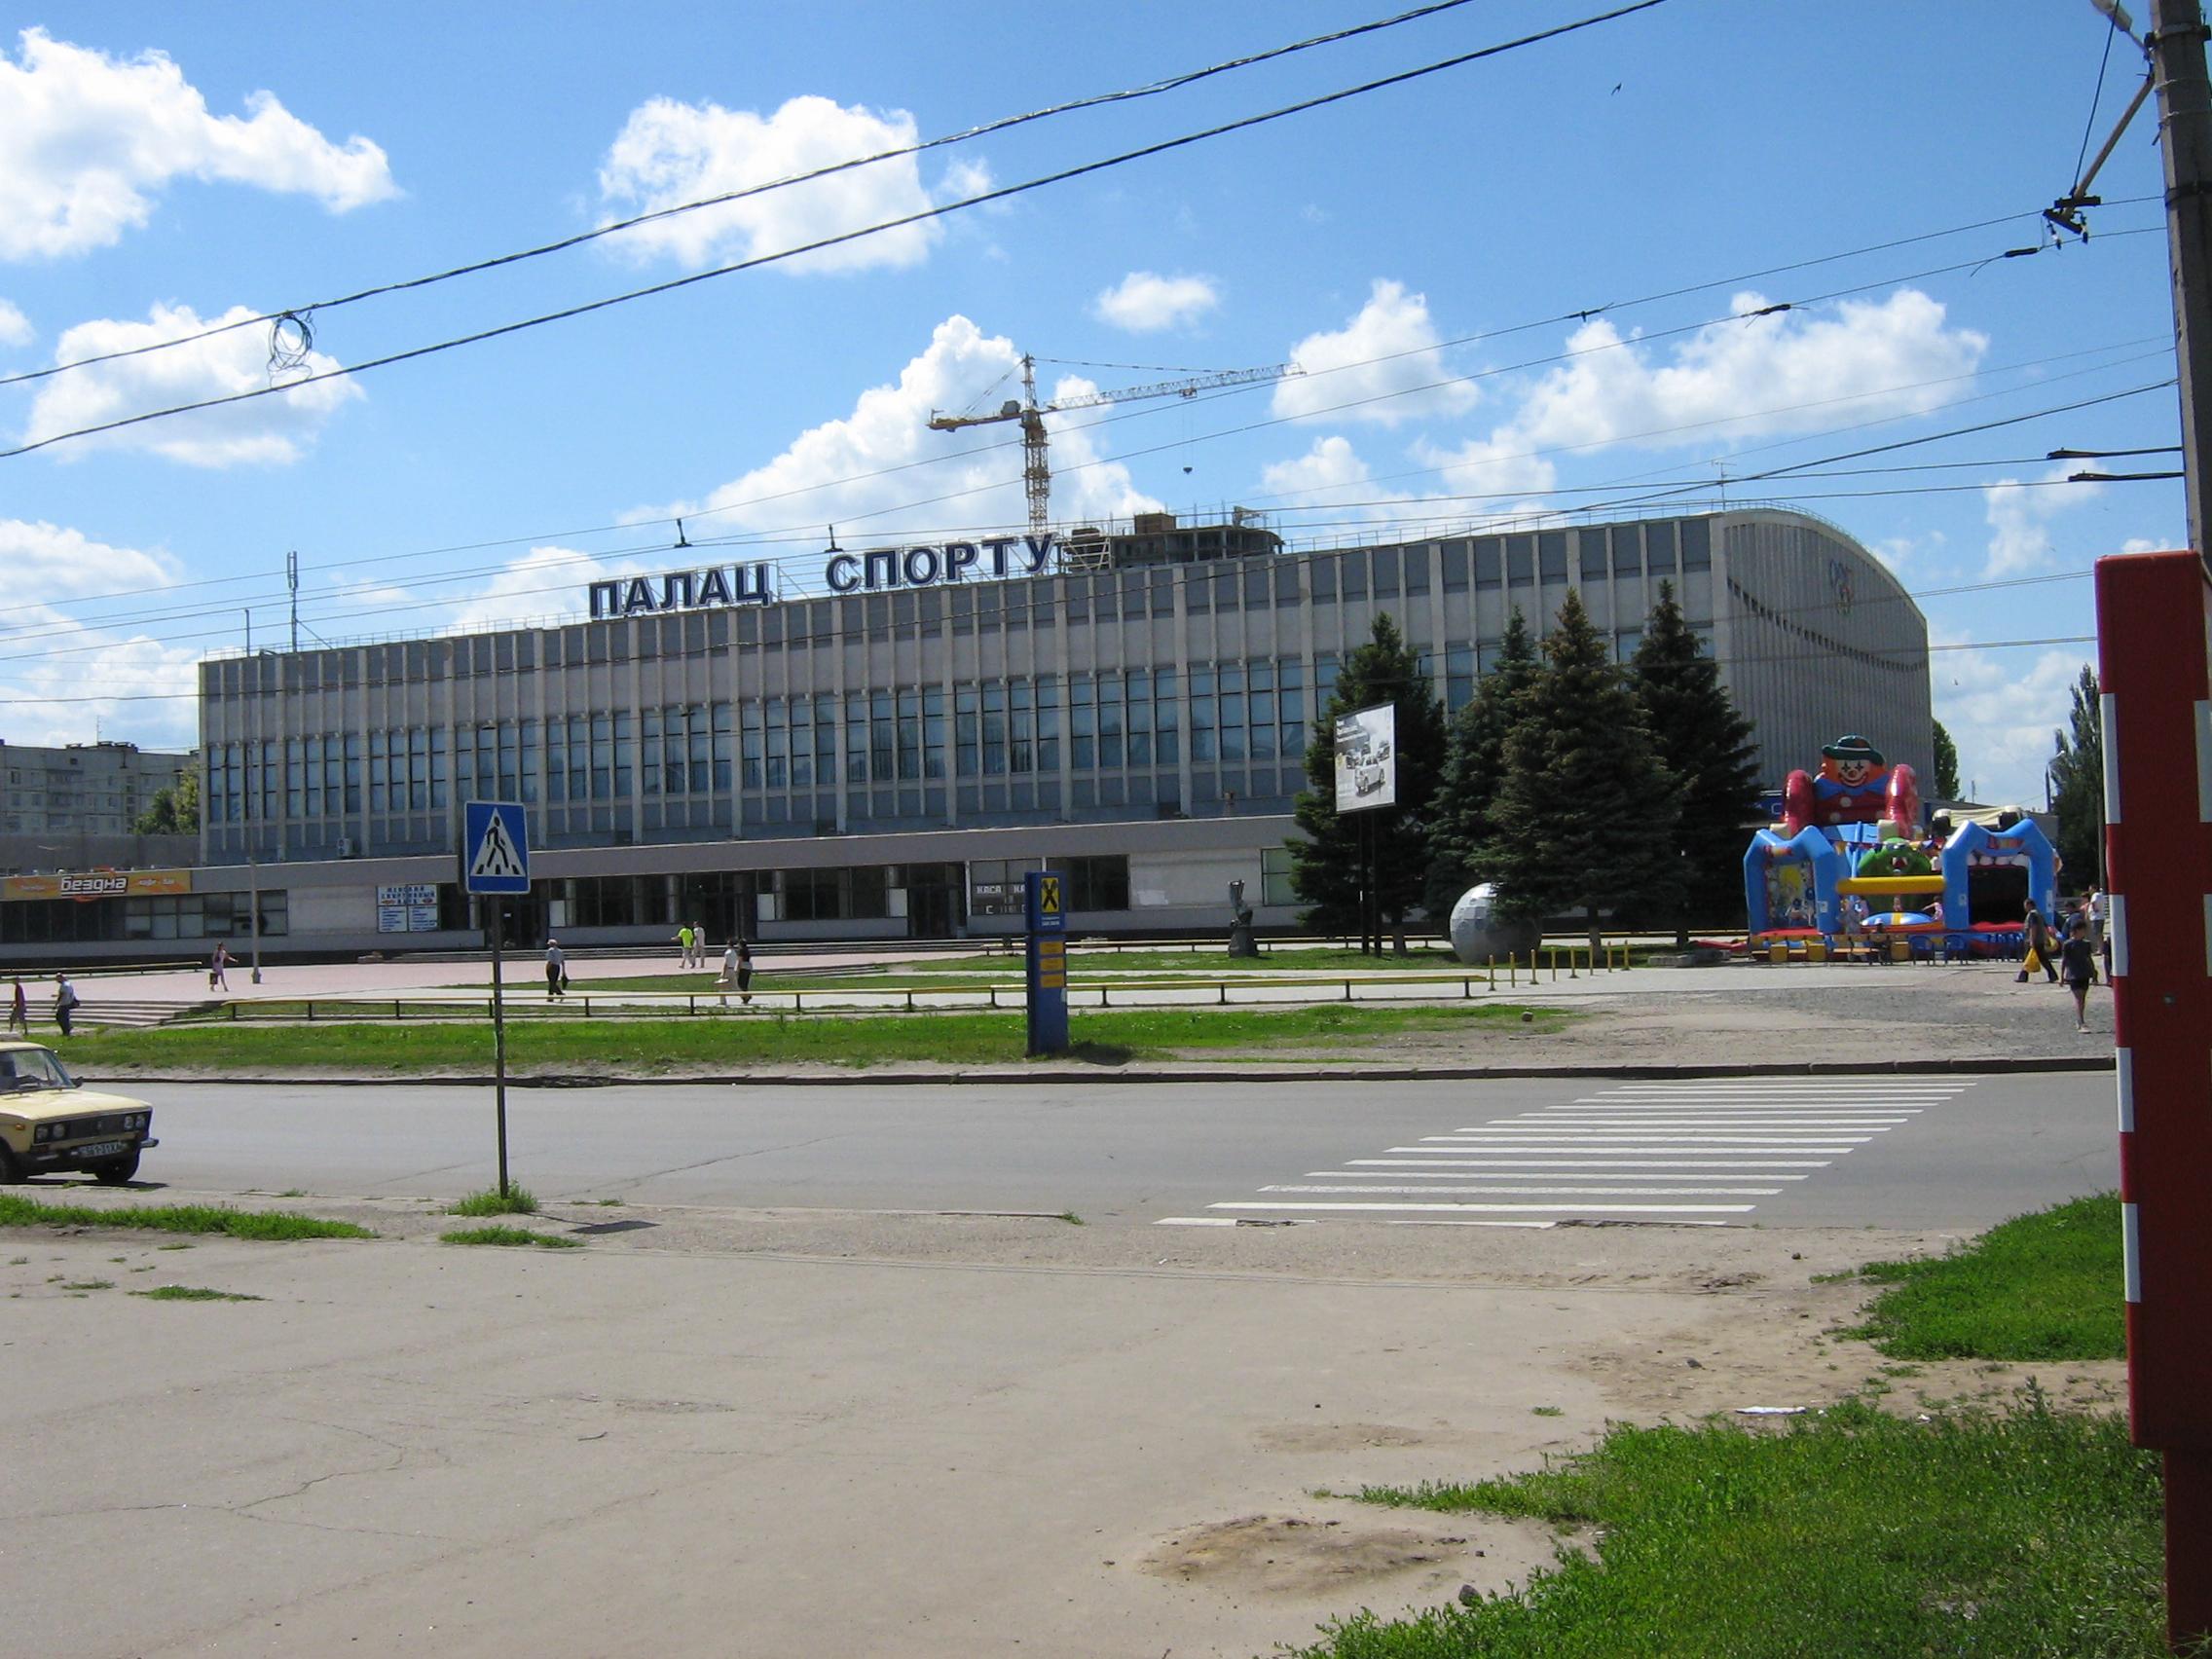 Дворец спорта могут переоборудовать / фото: Википедия